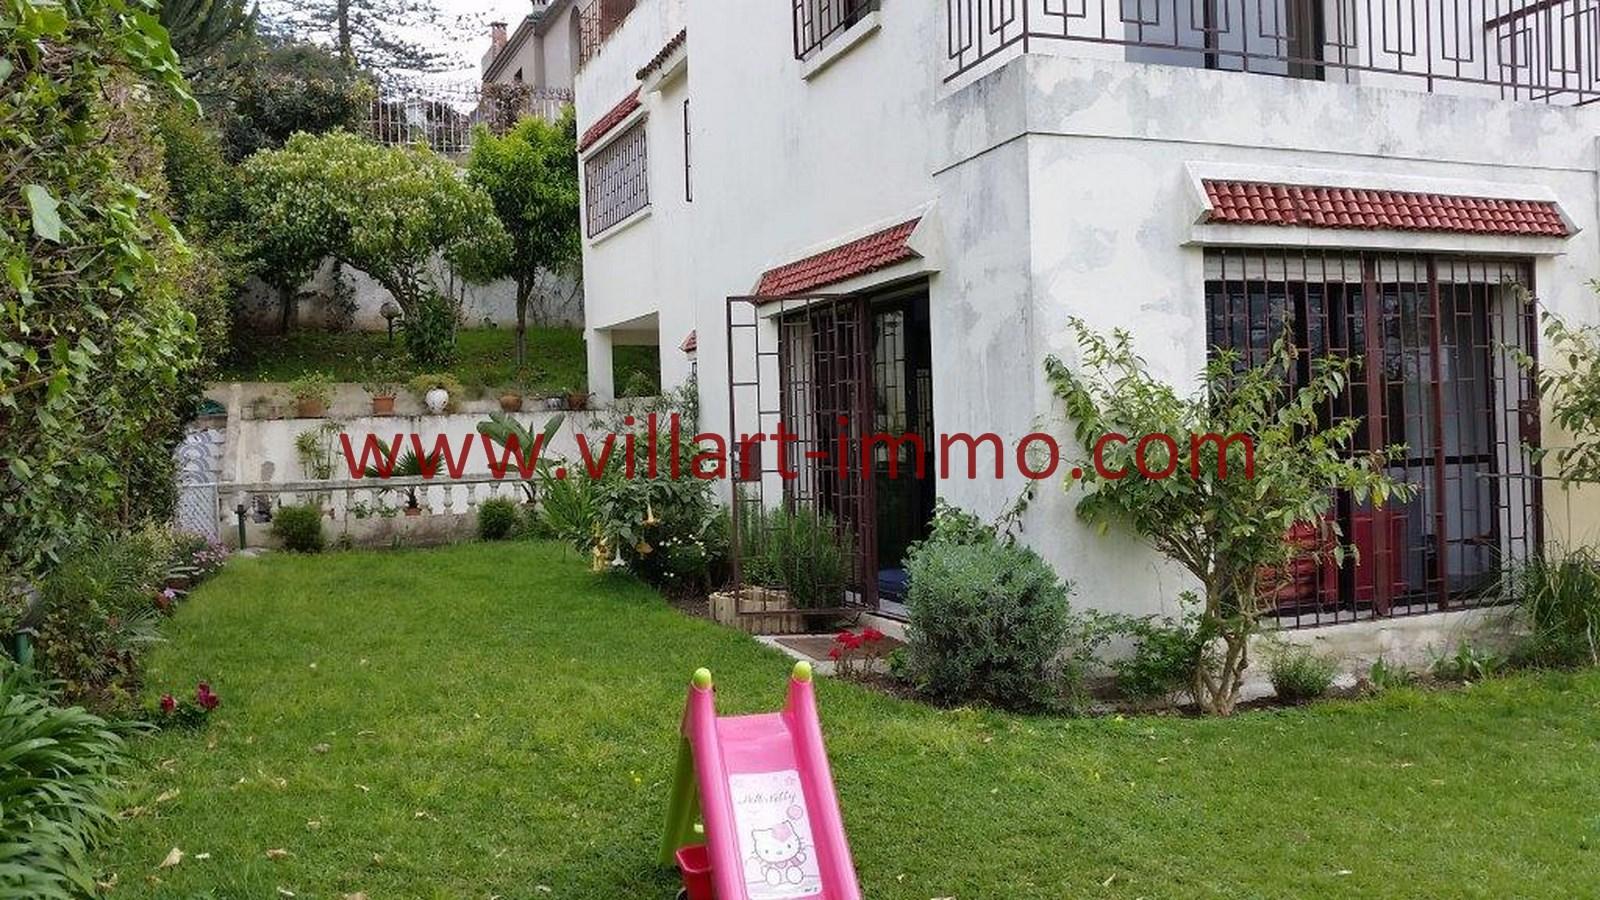 A vendre villa situ e dans le quartier california tanger for Agence jardin immobilier